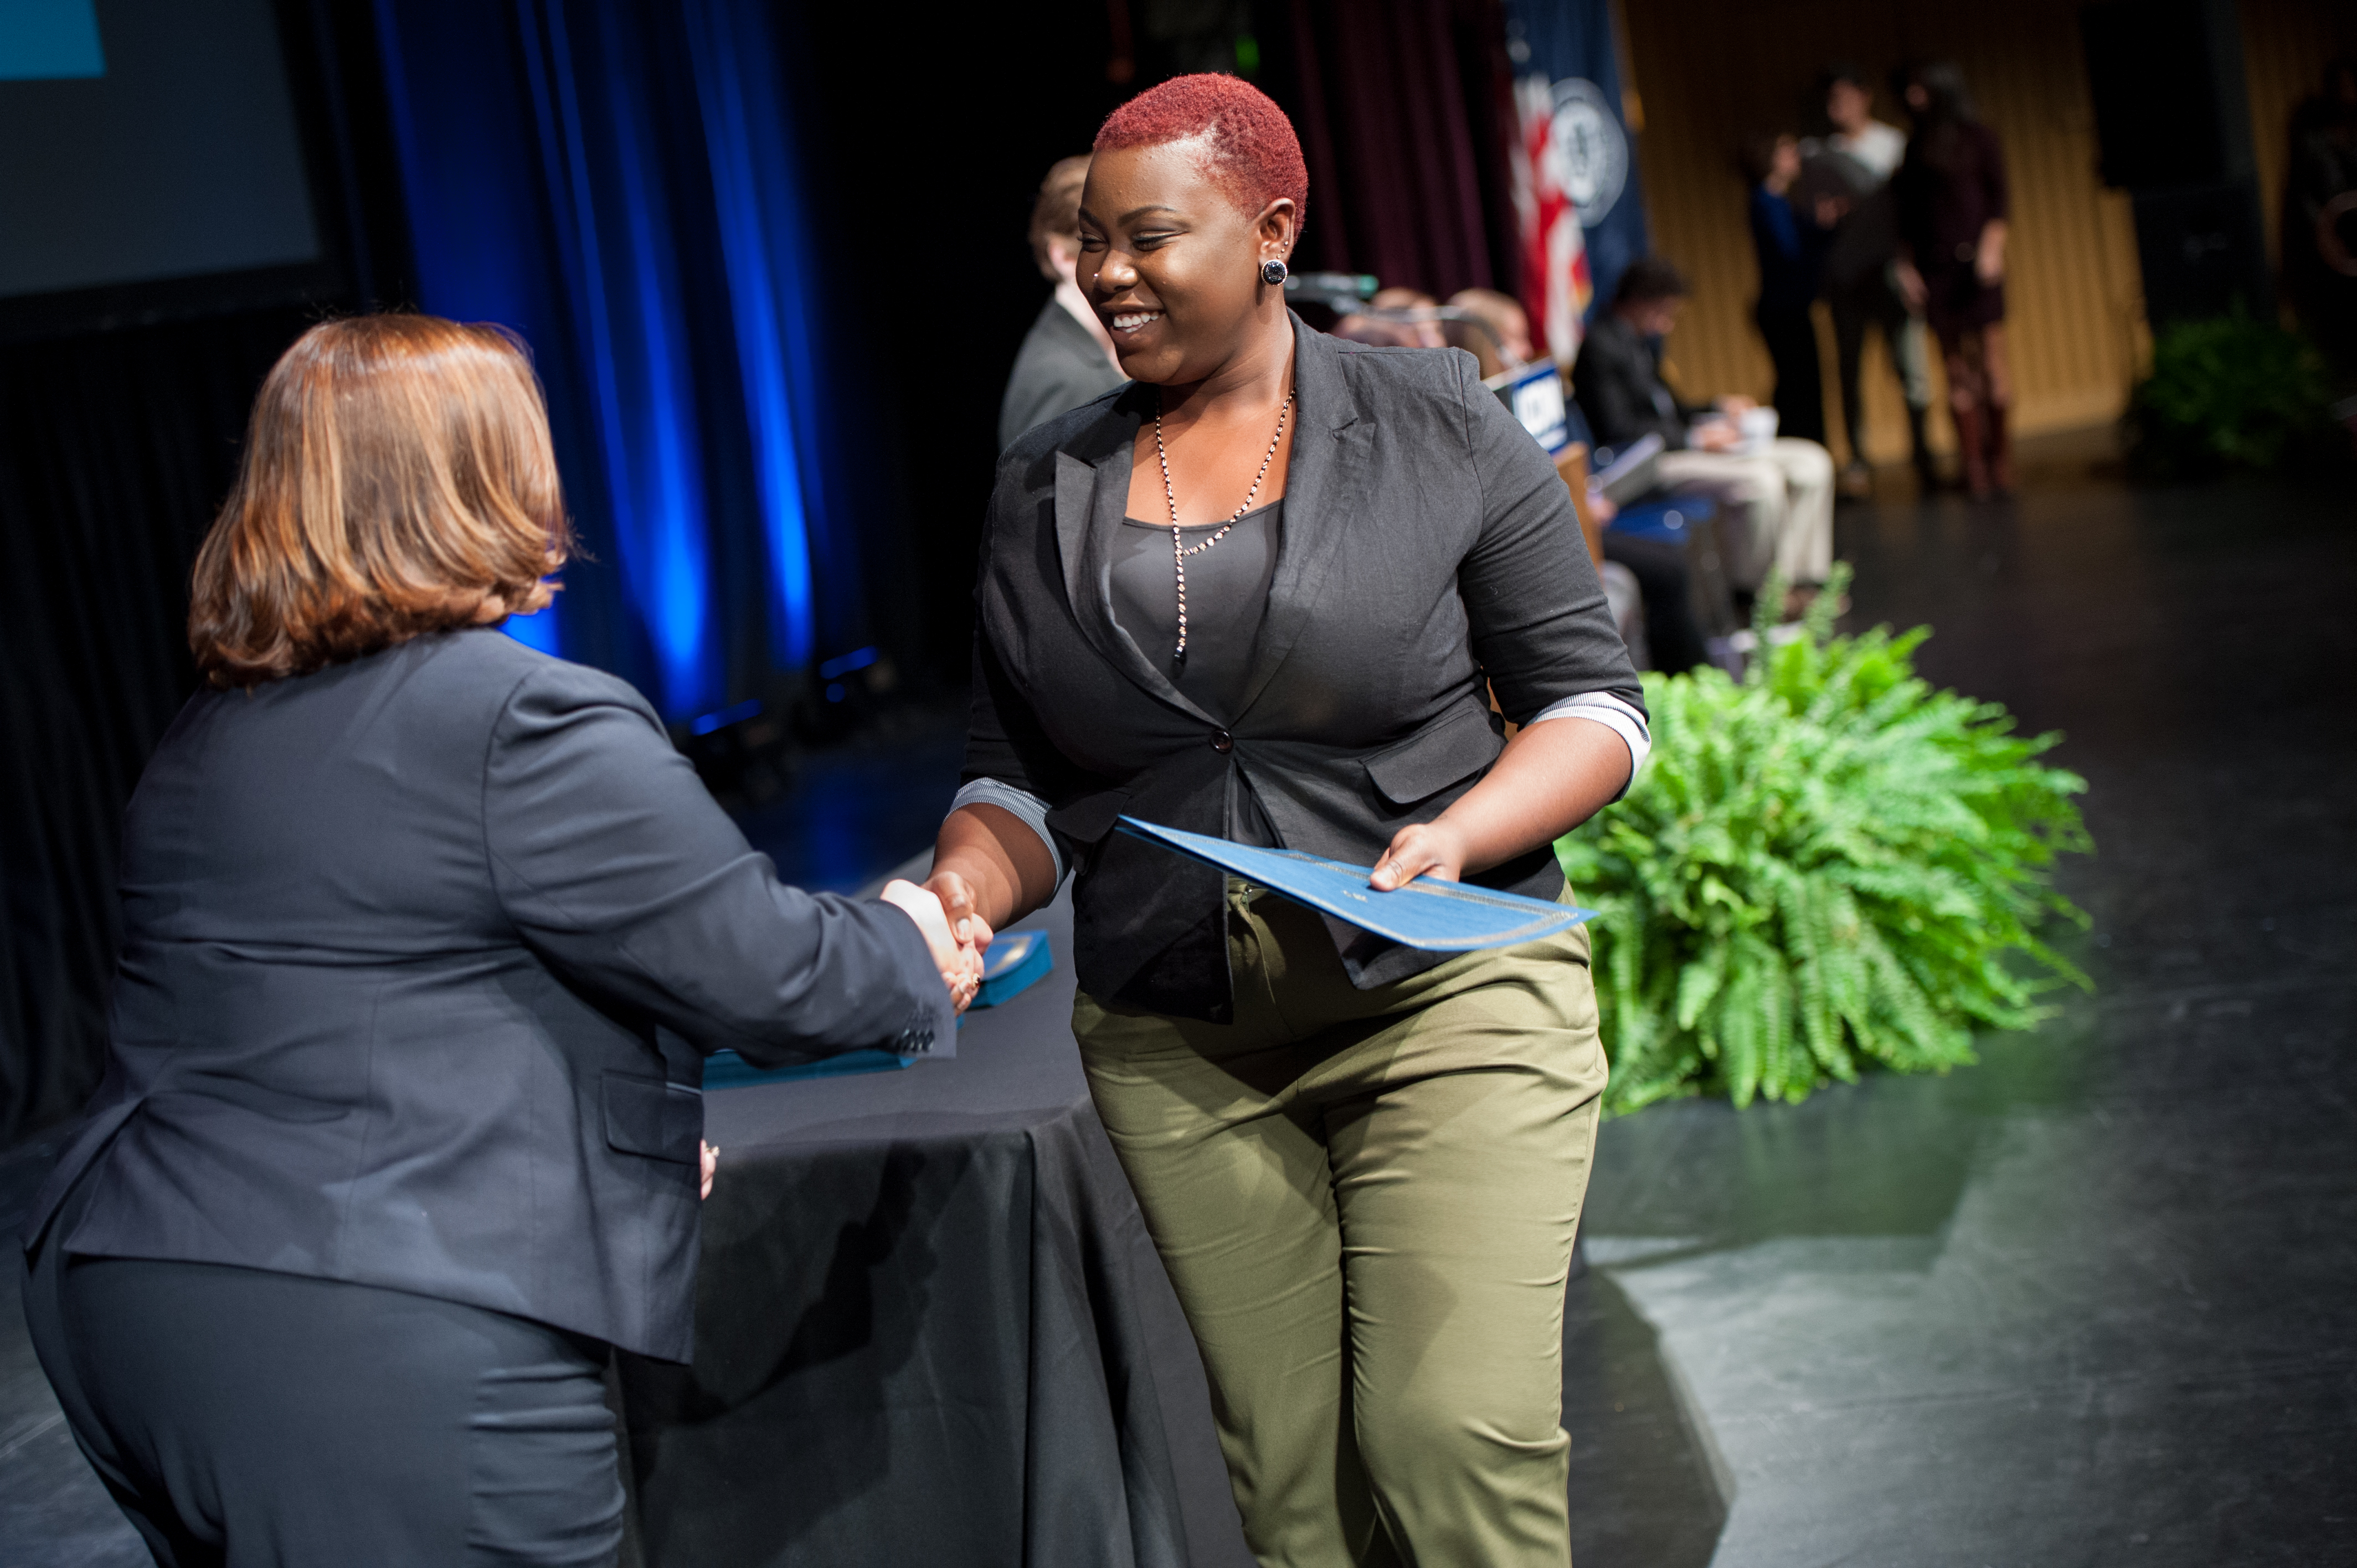 Jaydeen Sewell shaking hands